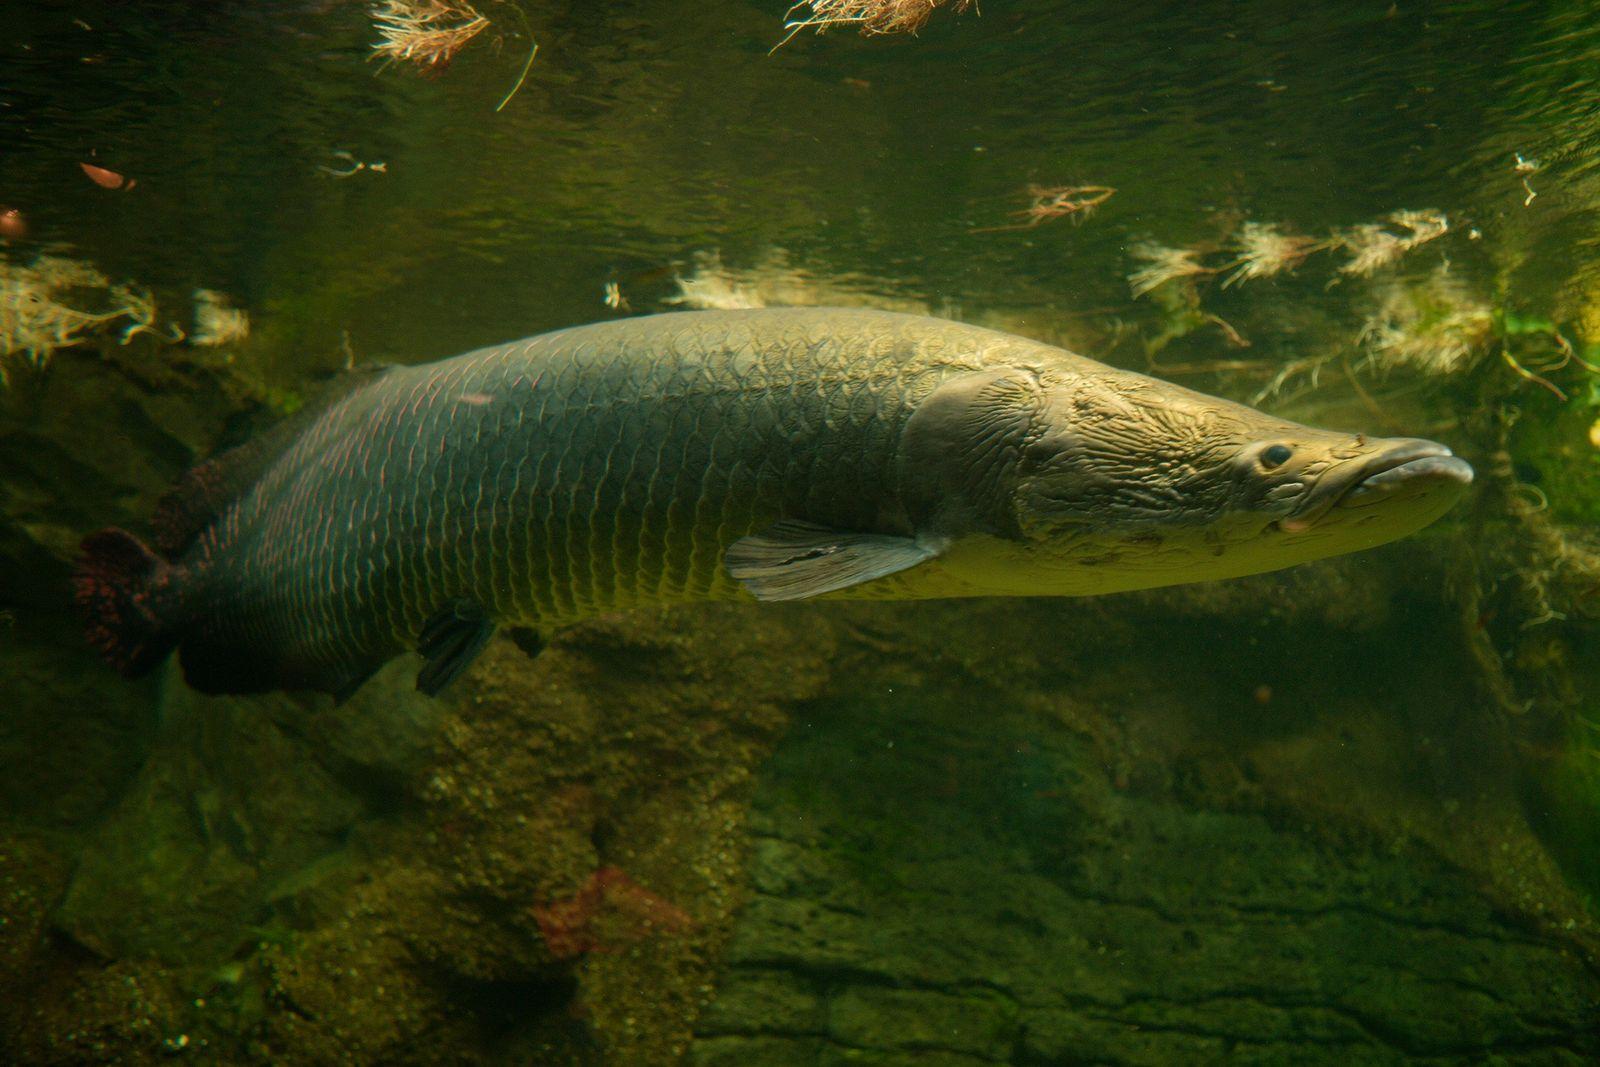 O pirarucu, encontrado na bacia do Rio Amazonas, é um dos maiores peixes de água doce ...